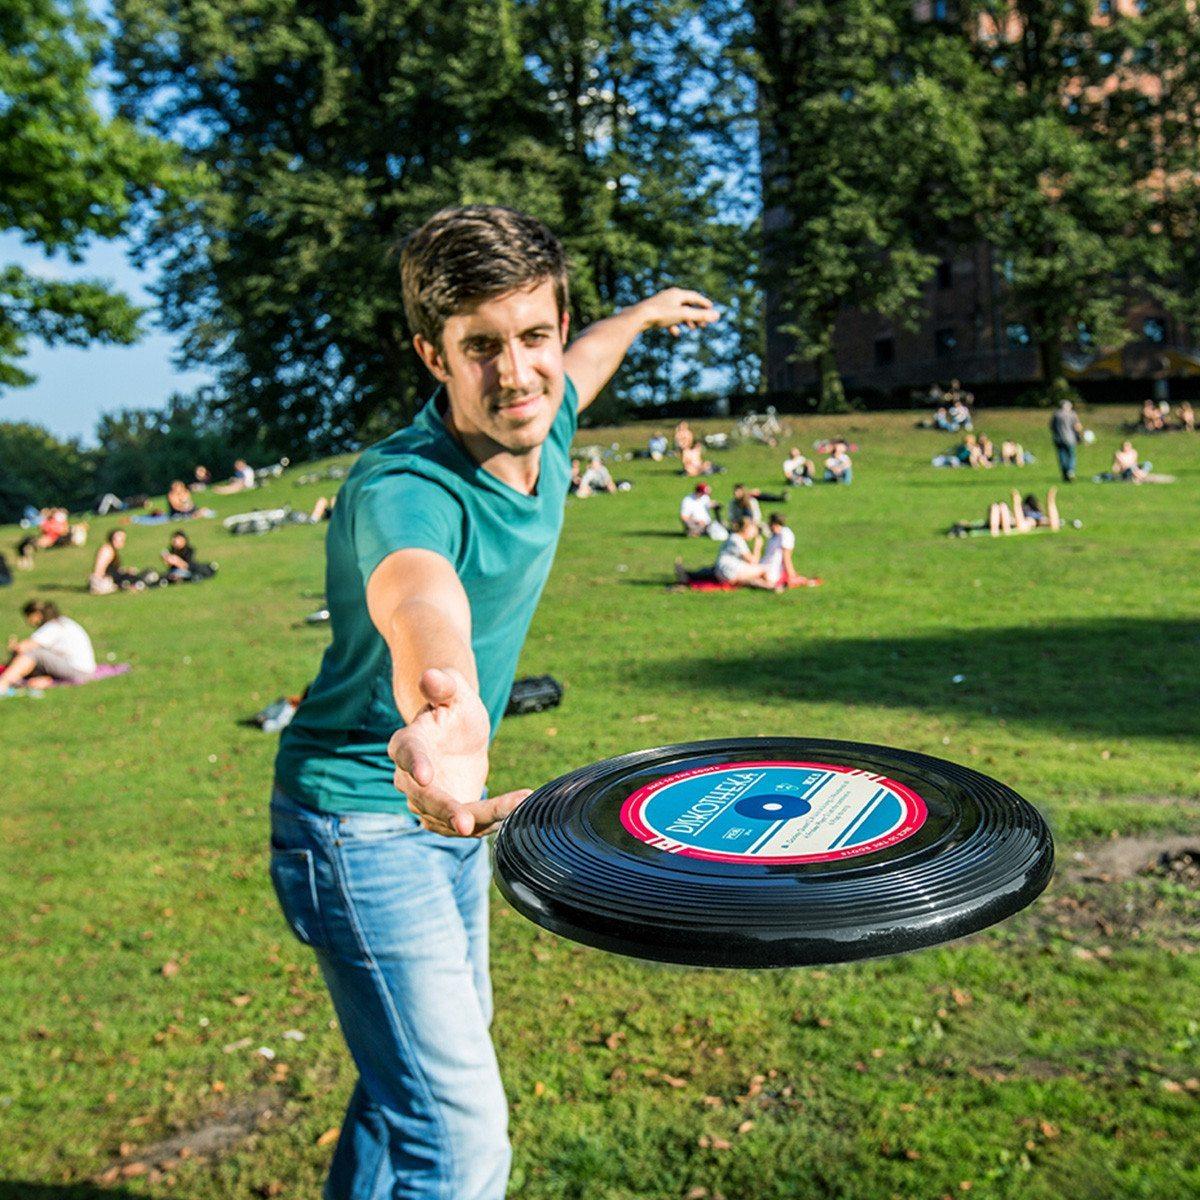 Lustige Frisbee-Scheiben